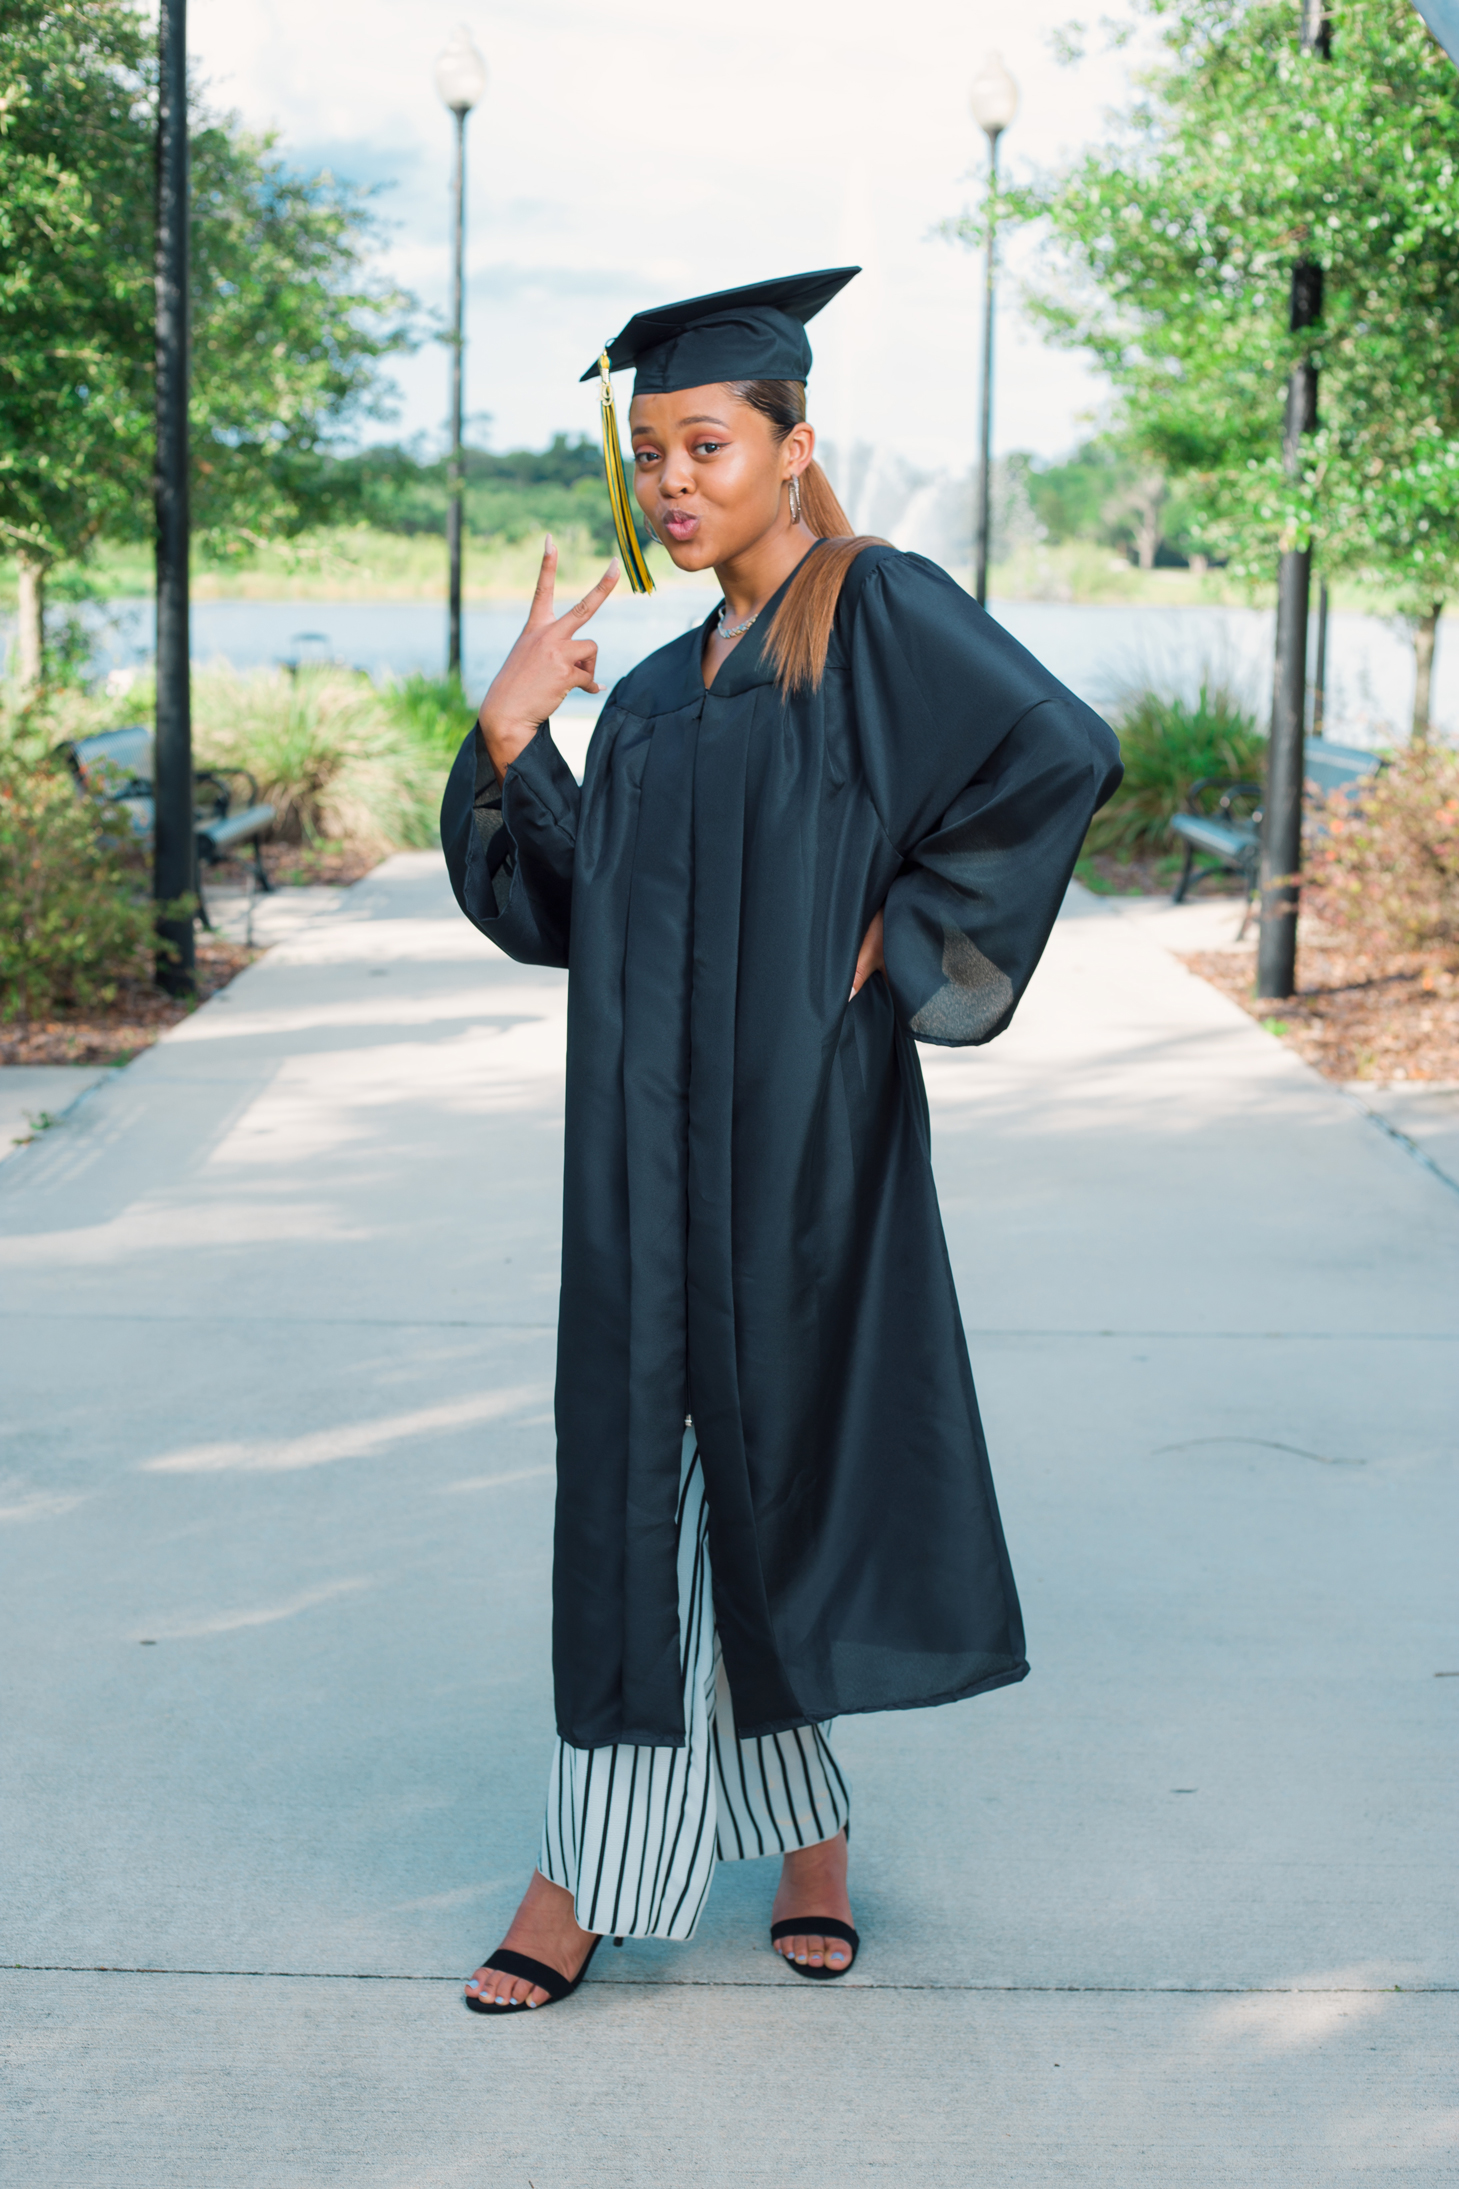 deltona-graduation-senior-photos-chamber-hart-photography-3.jpg